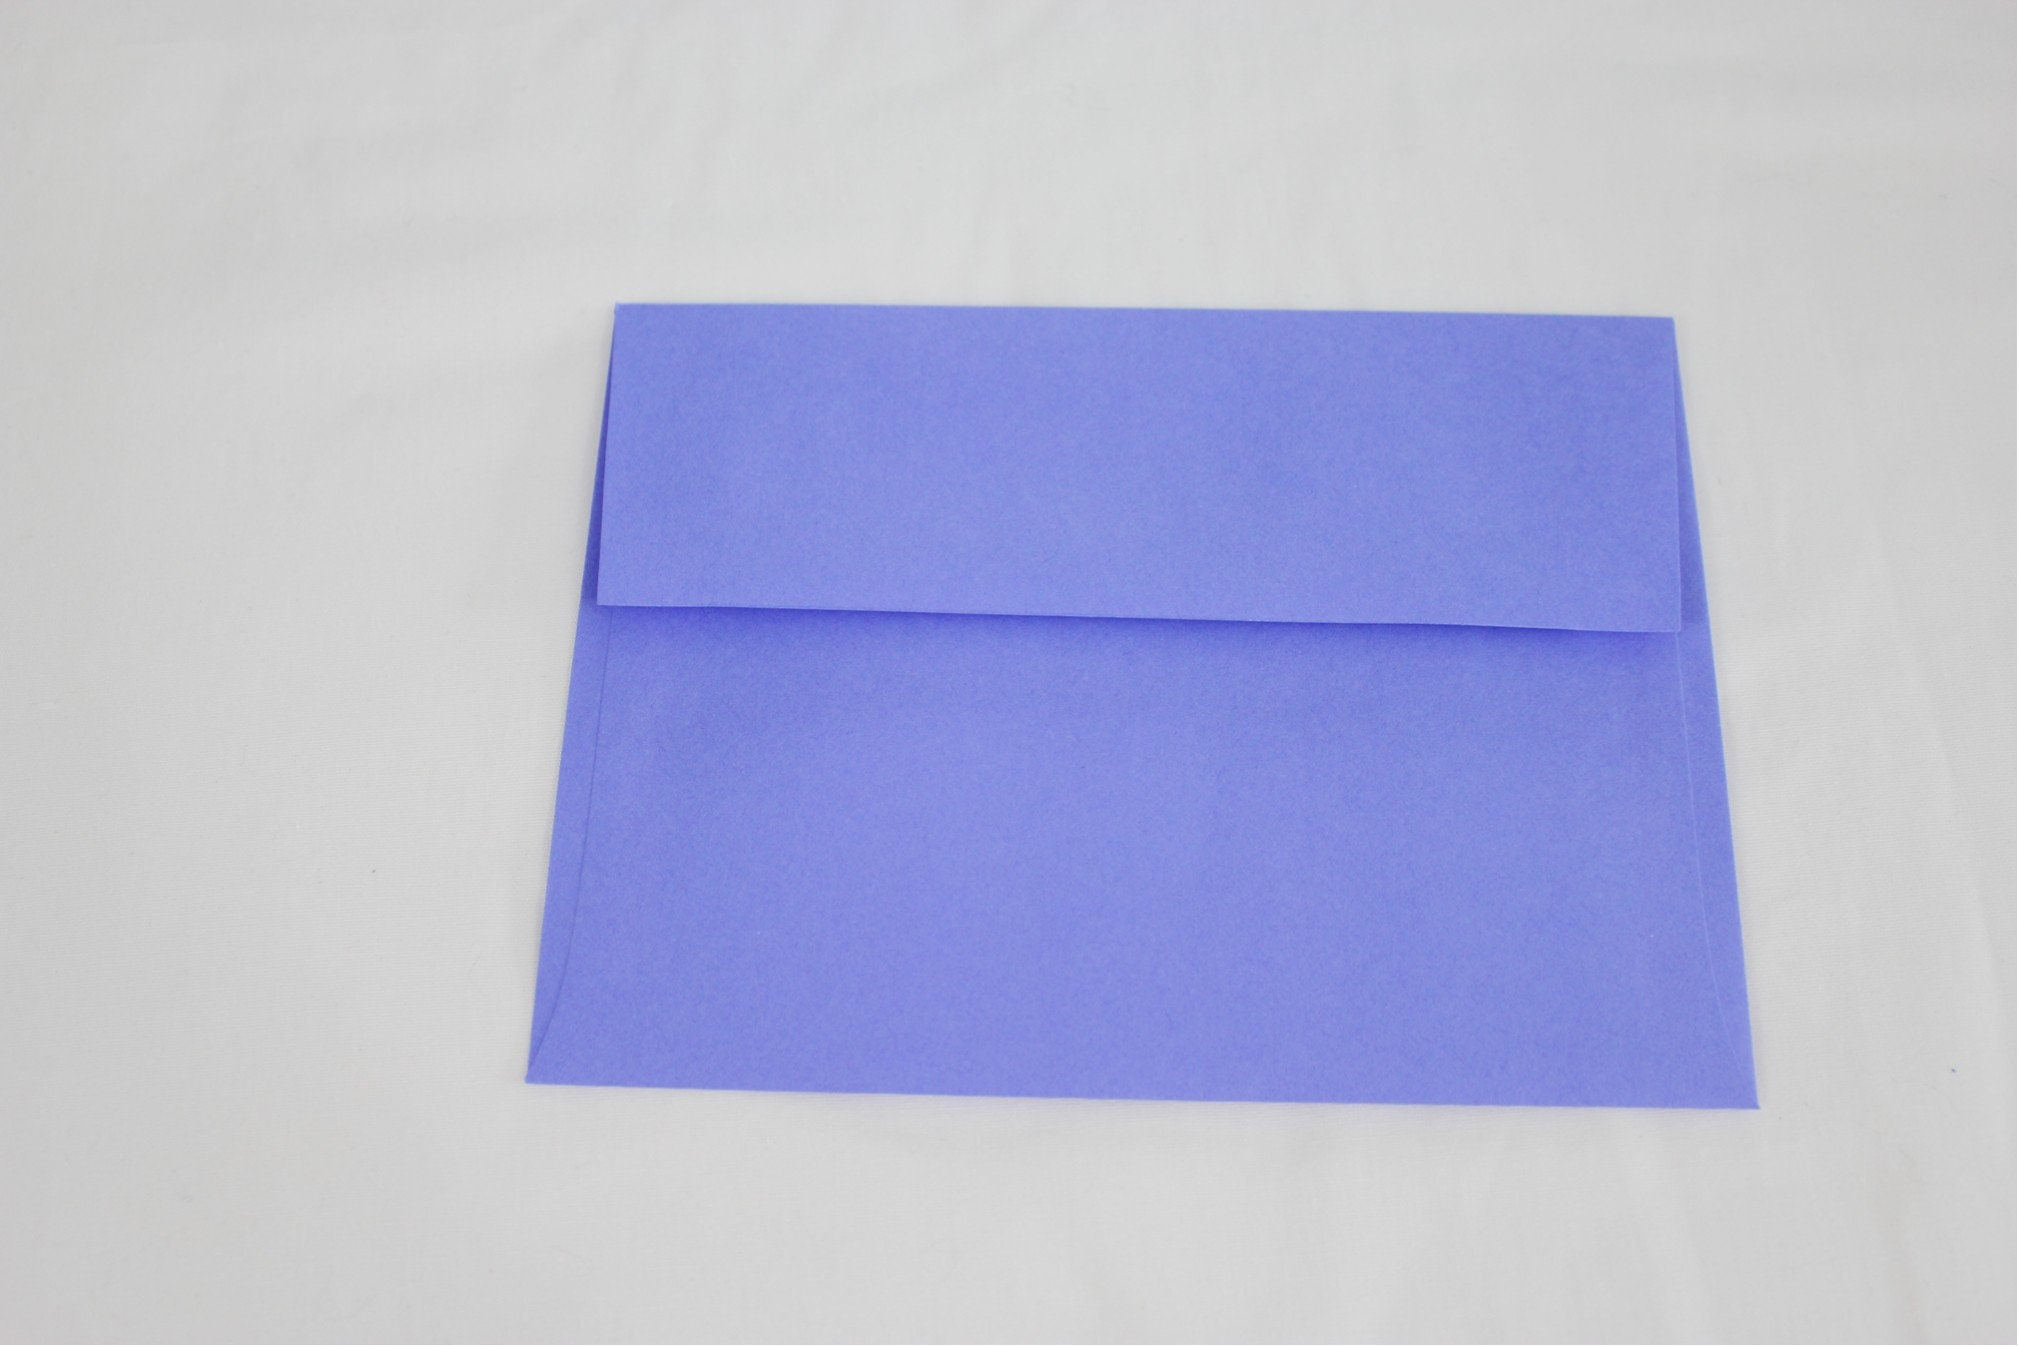 50 Violet Purple 5x7 Invitation Envelopes Set Of 50 Size A7 5 1 4 X 7 1 4